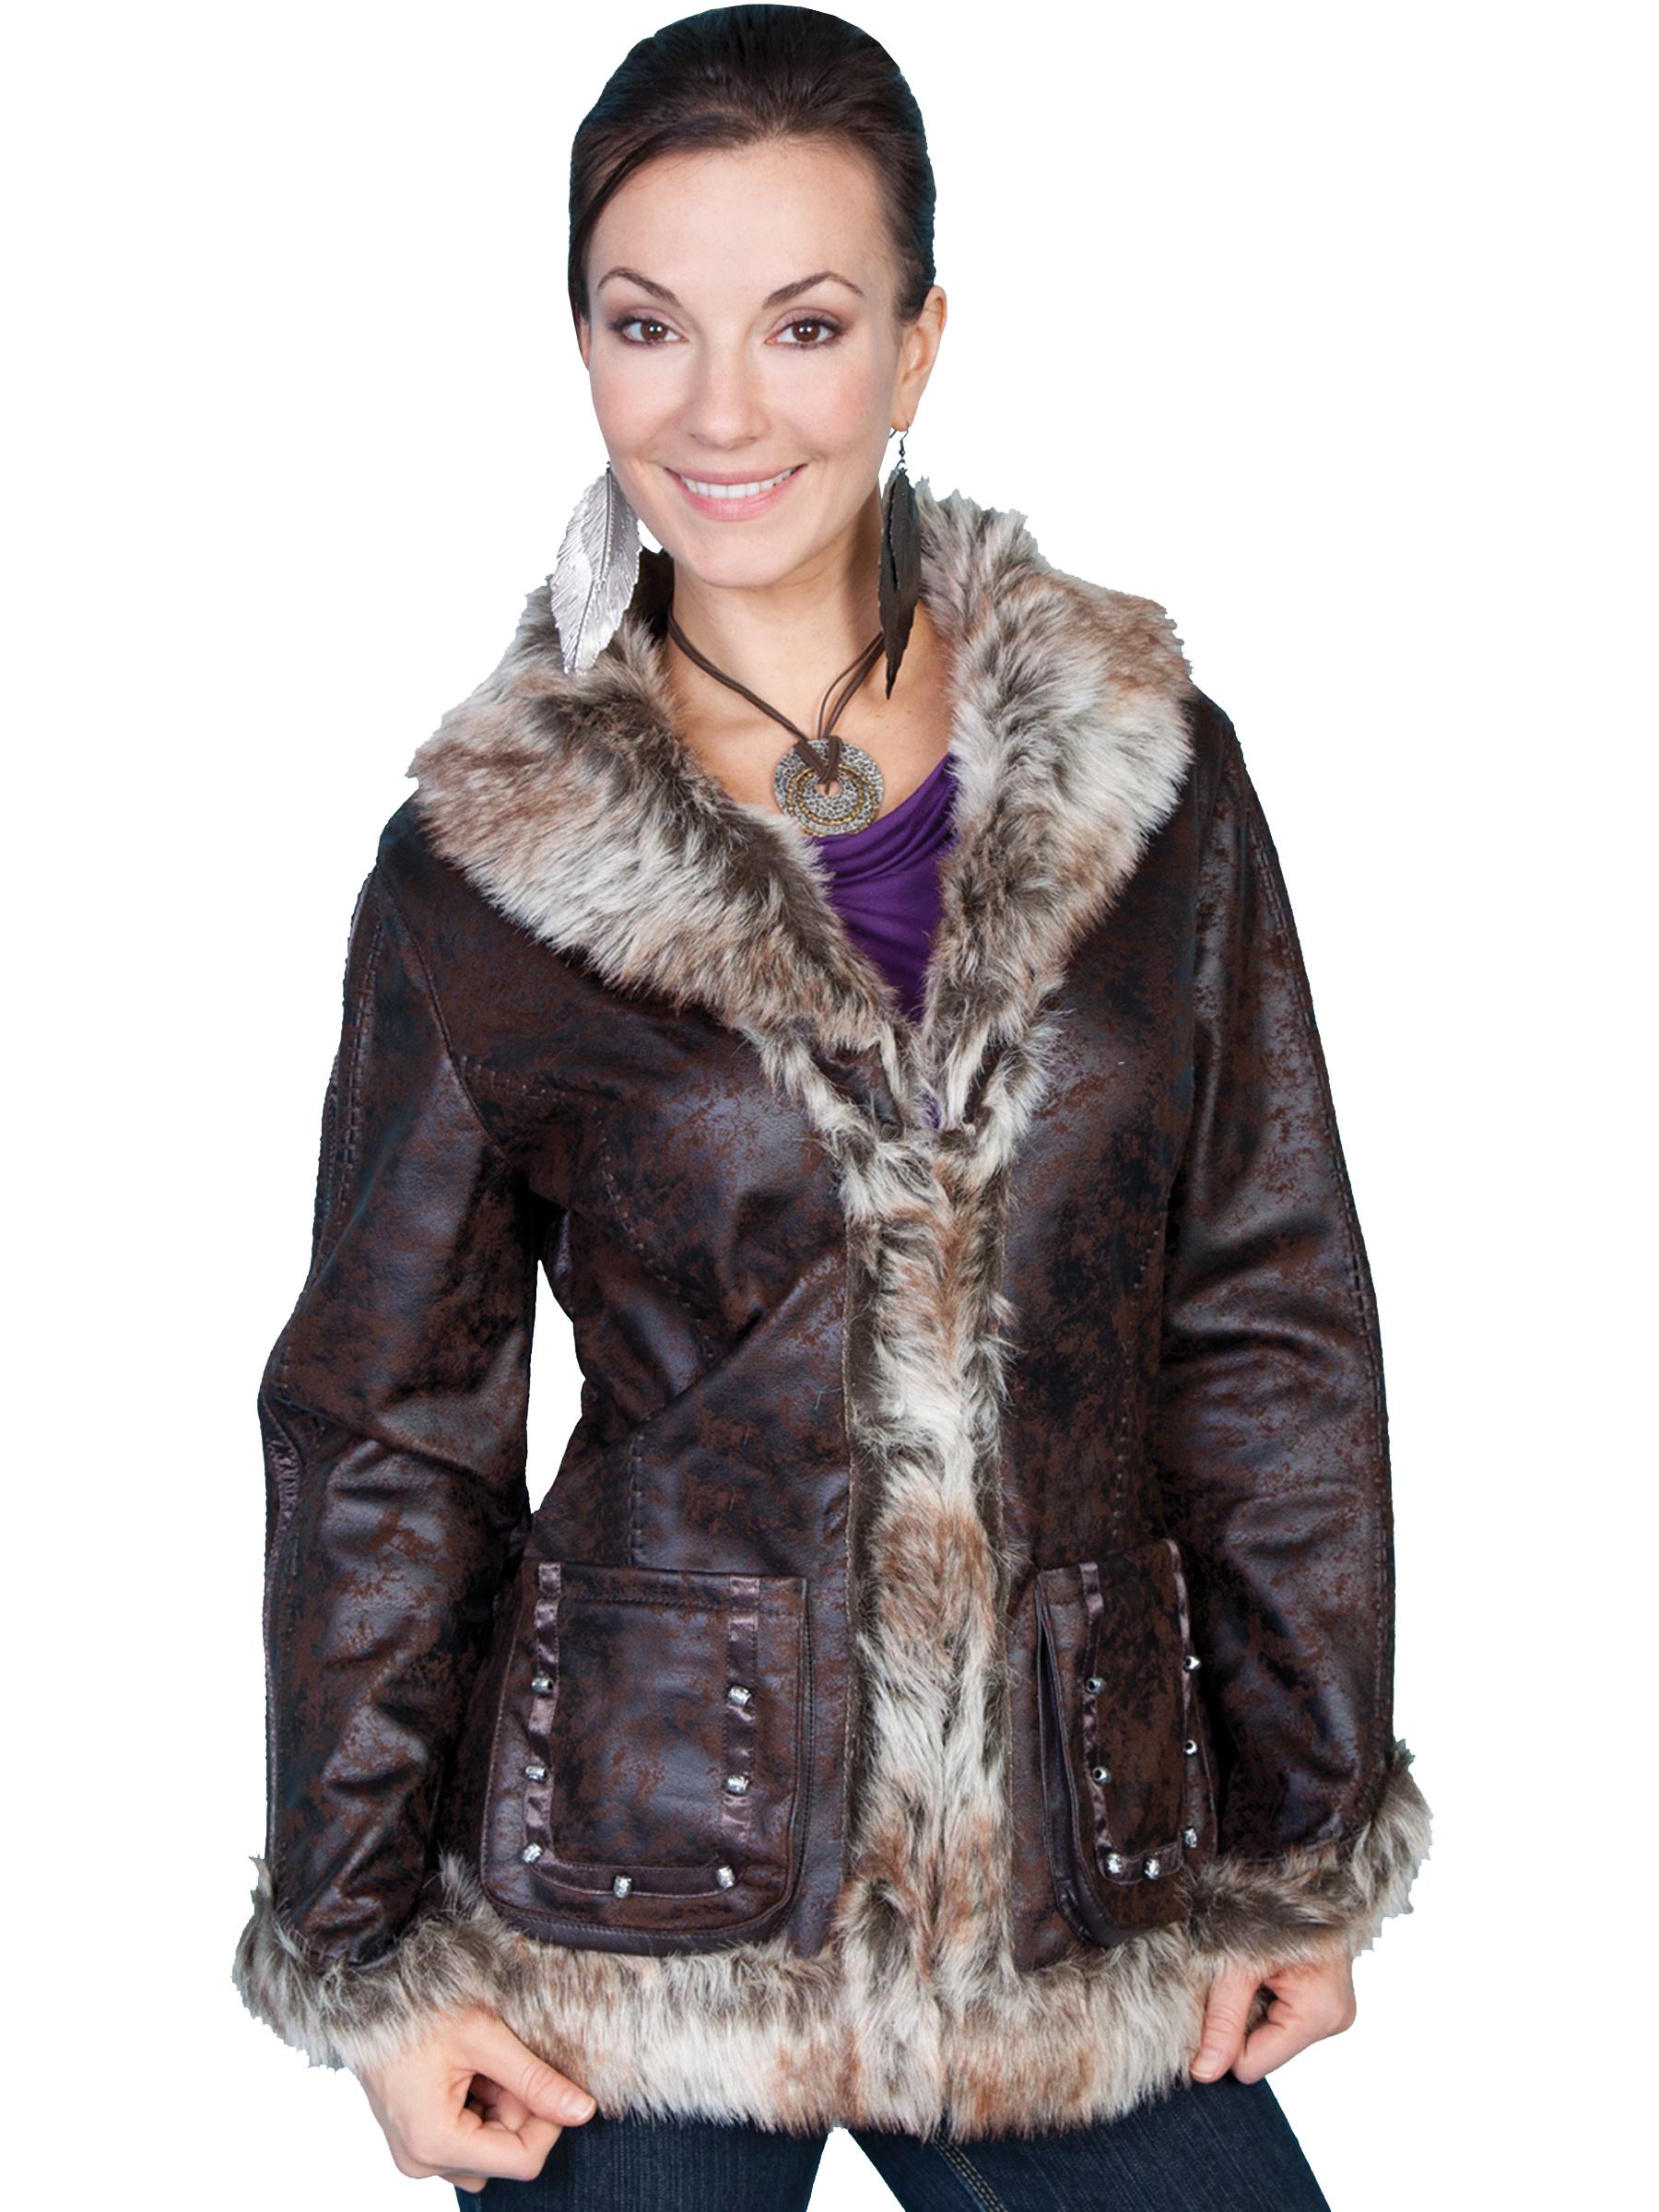 Stylish mottled faux shearling jacket